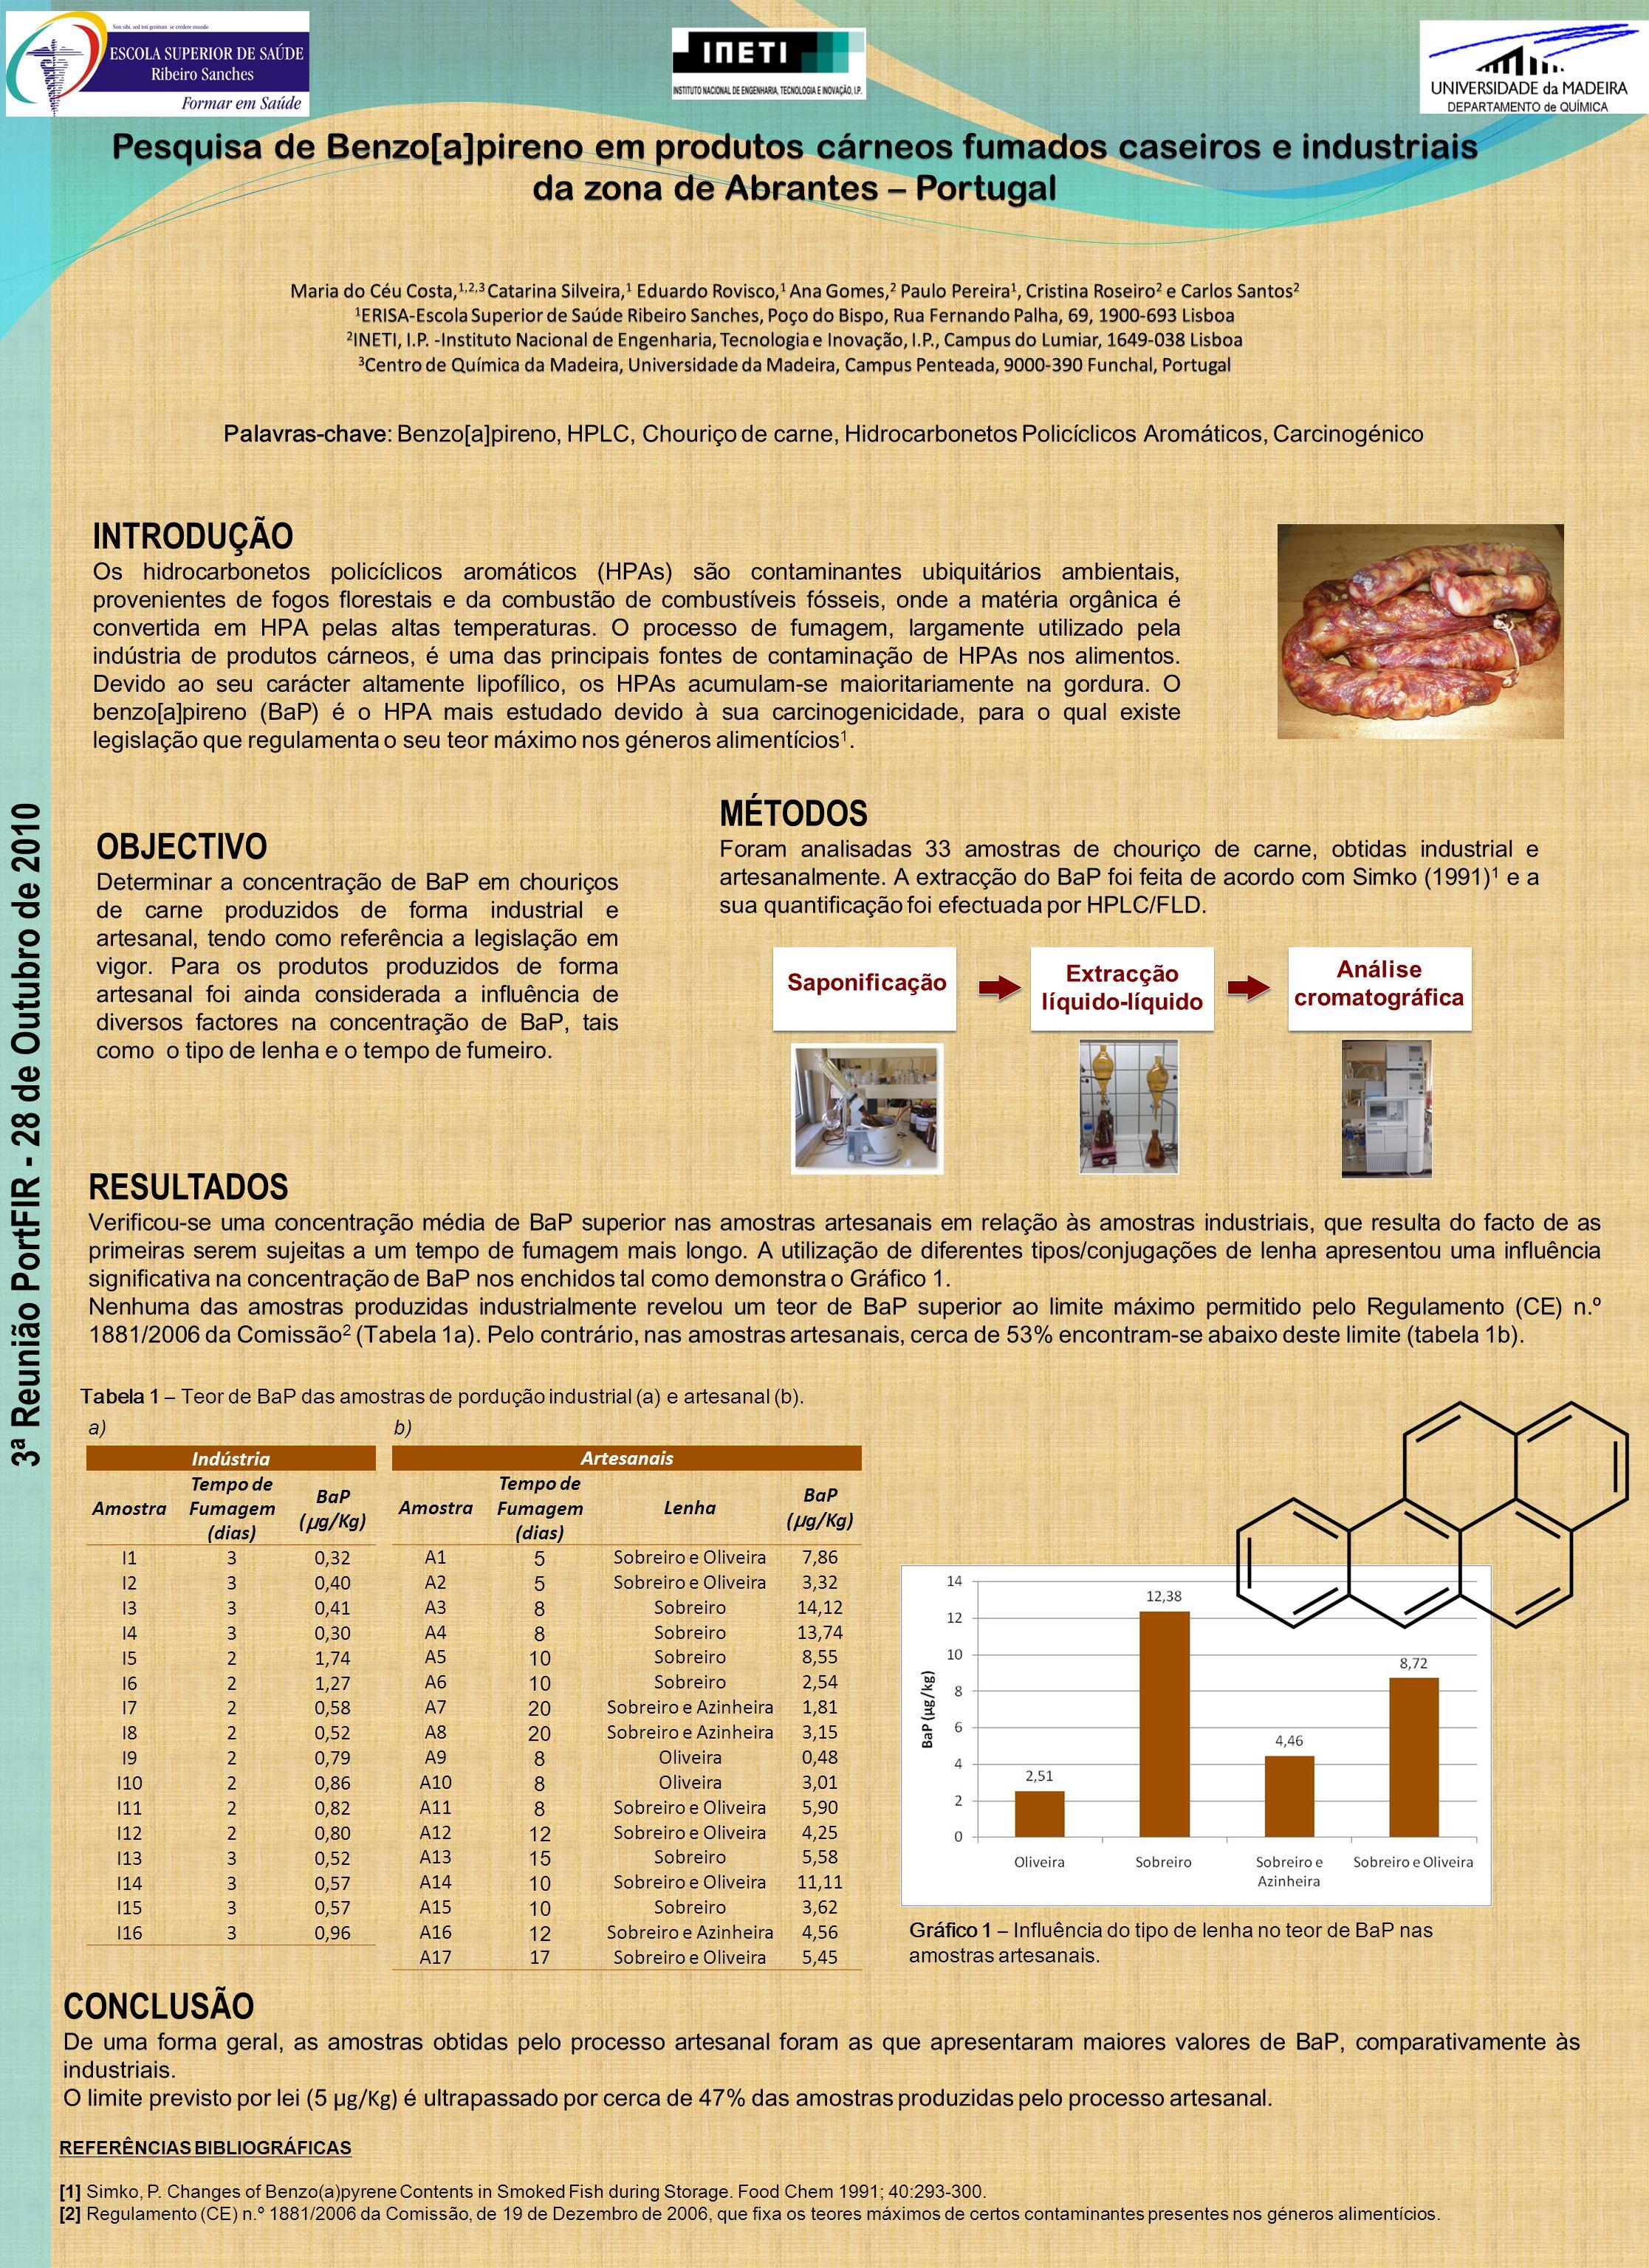 3ª Reunião PortFIR - 28 de Outubro de 2010 Palavras-chave: Benzo[a]pireno, HPLC, Chouriço de carne, Hidrocarbonetos Policíclicos Aromáticos, Carcinogénico INTRODUÇÃO Os hidrocarbonetos policíclicos aromáticos (HPAs) são contaminantes ubiquitários ambientais, provenientes de fogos florestais e da combustão de combustíveis fósseis, onde a matéria orgânica é convertida em HPA pelas altas temperaturas.